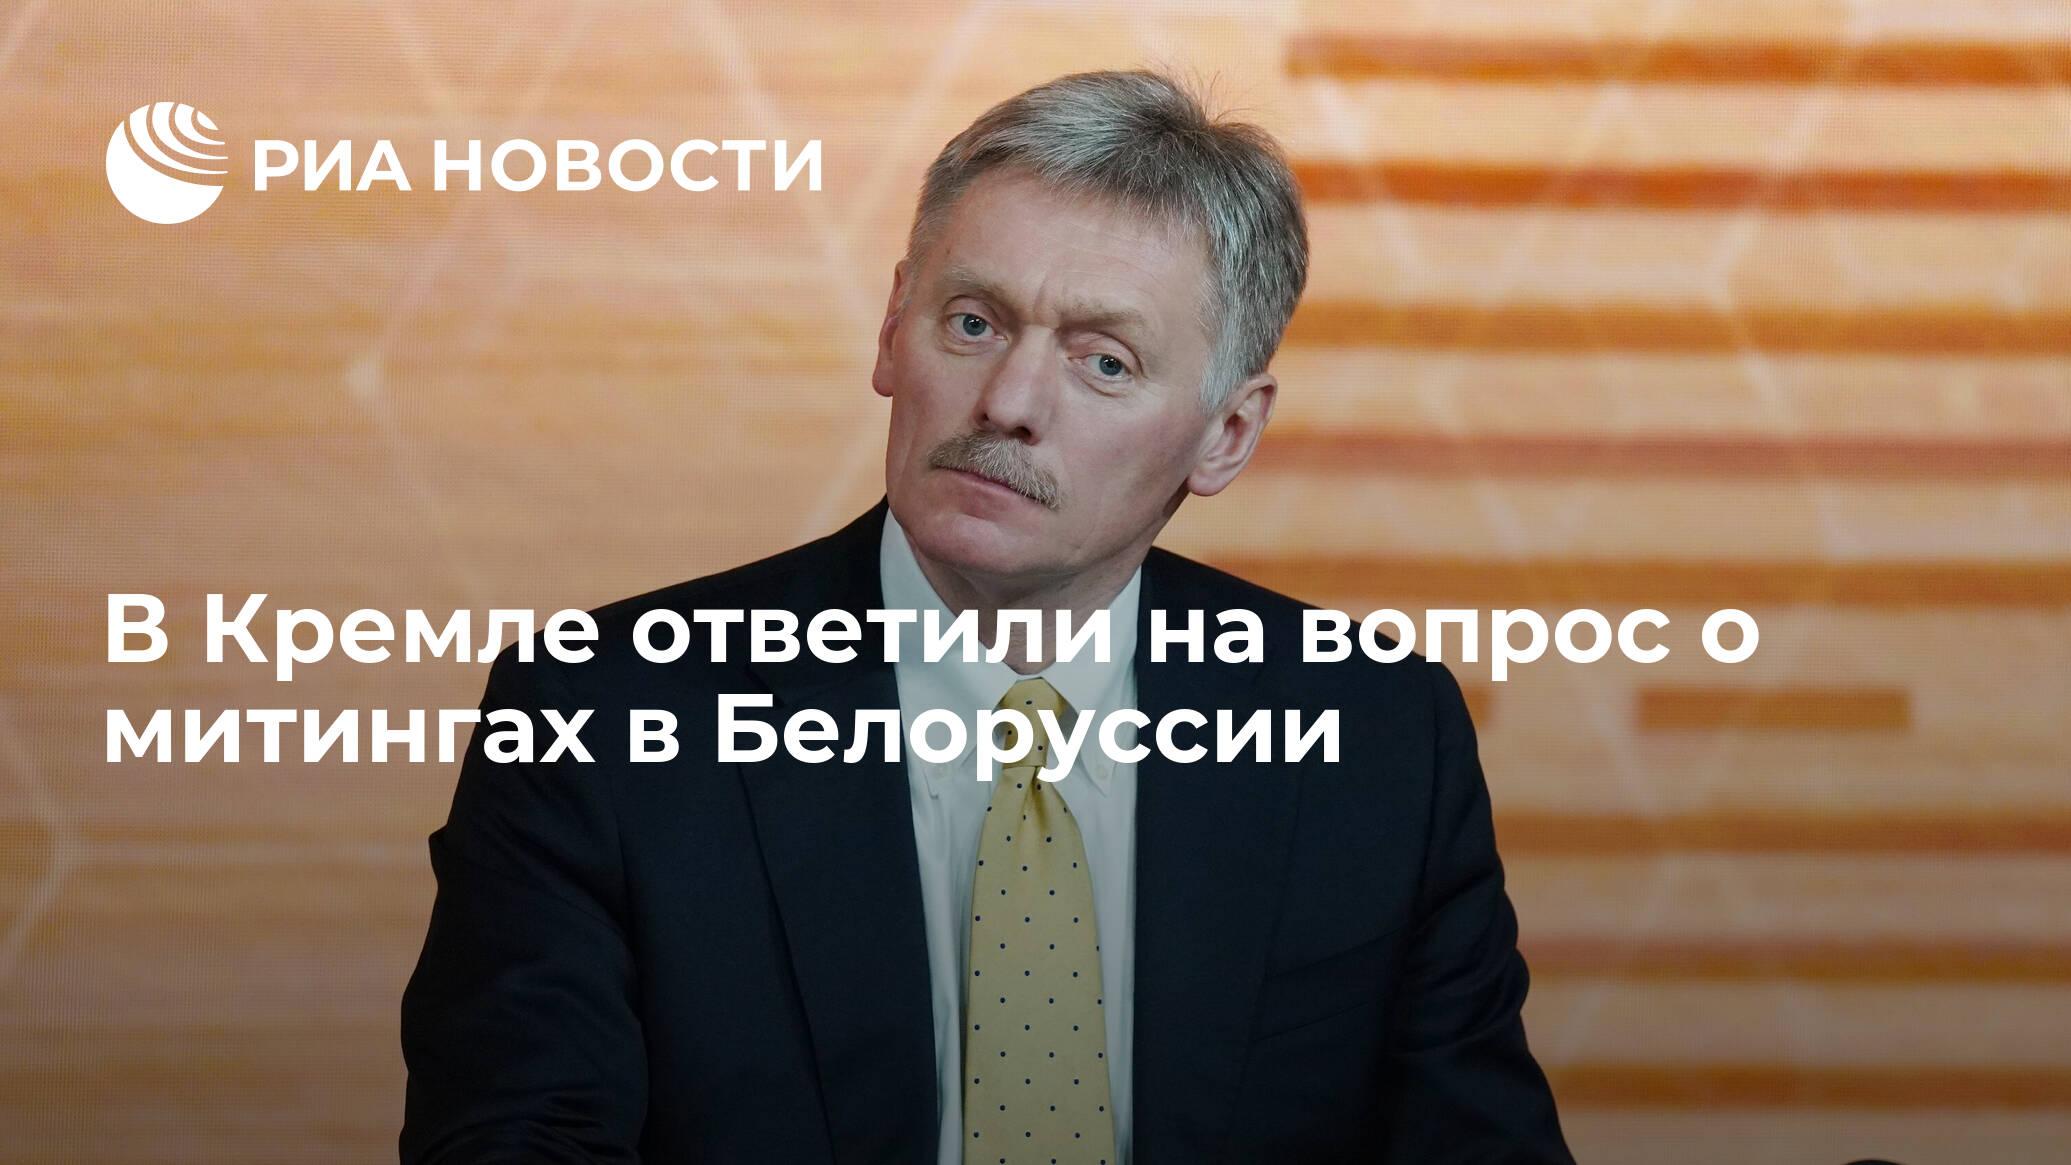 В Кремле ответили на вопрос о митингах в Белоруссии